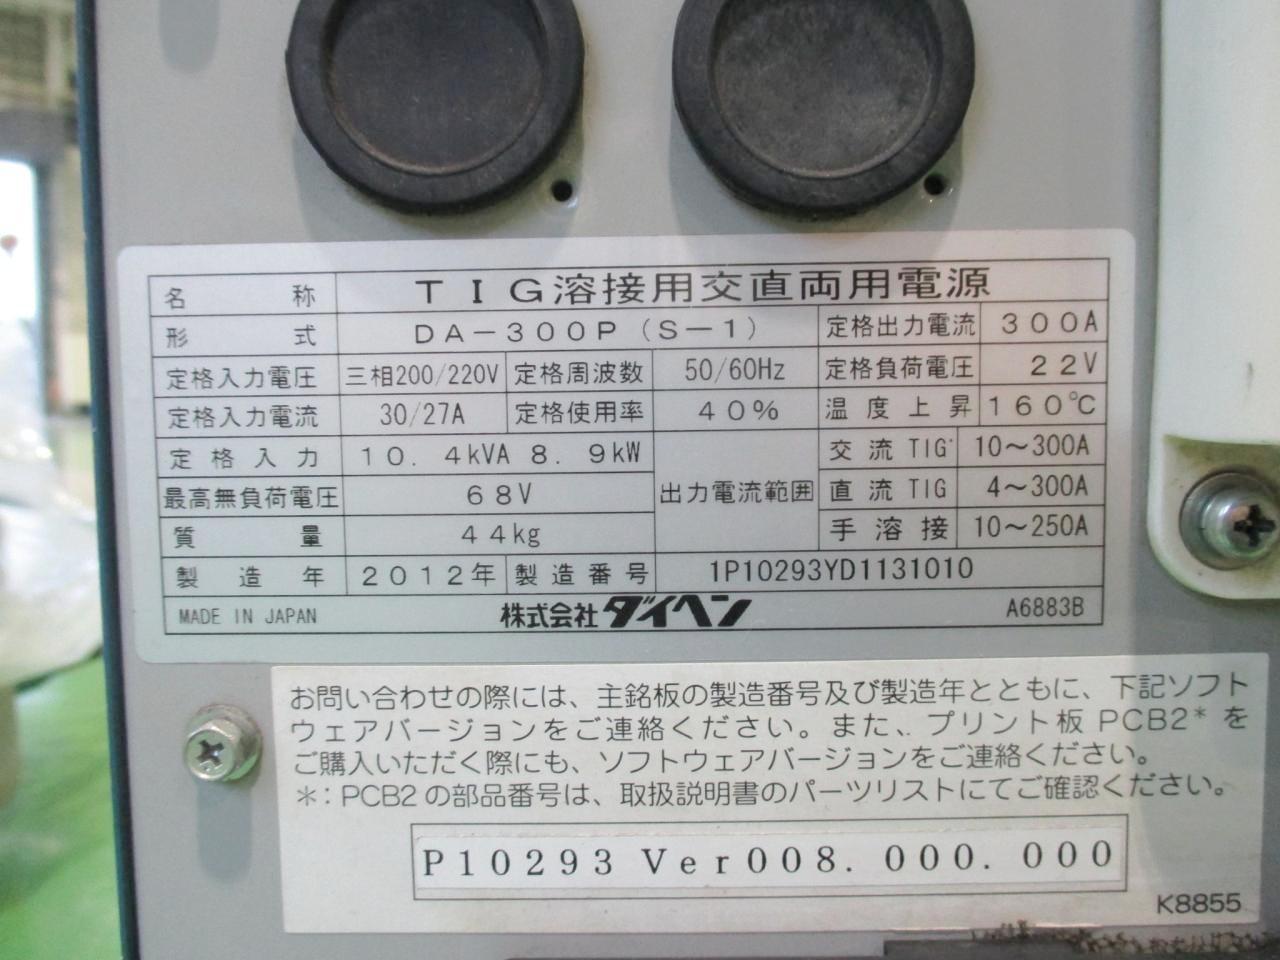 DA-300P(S-1)の銘板